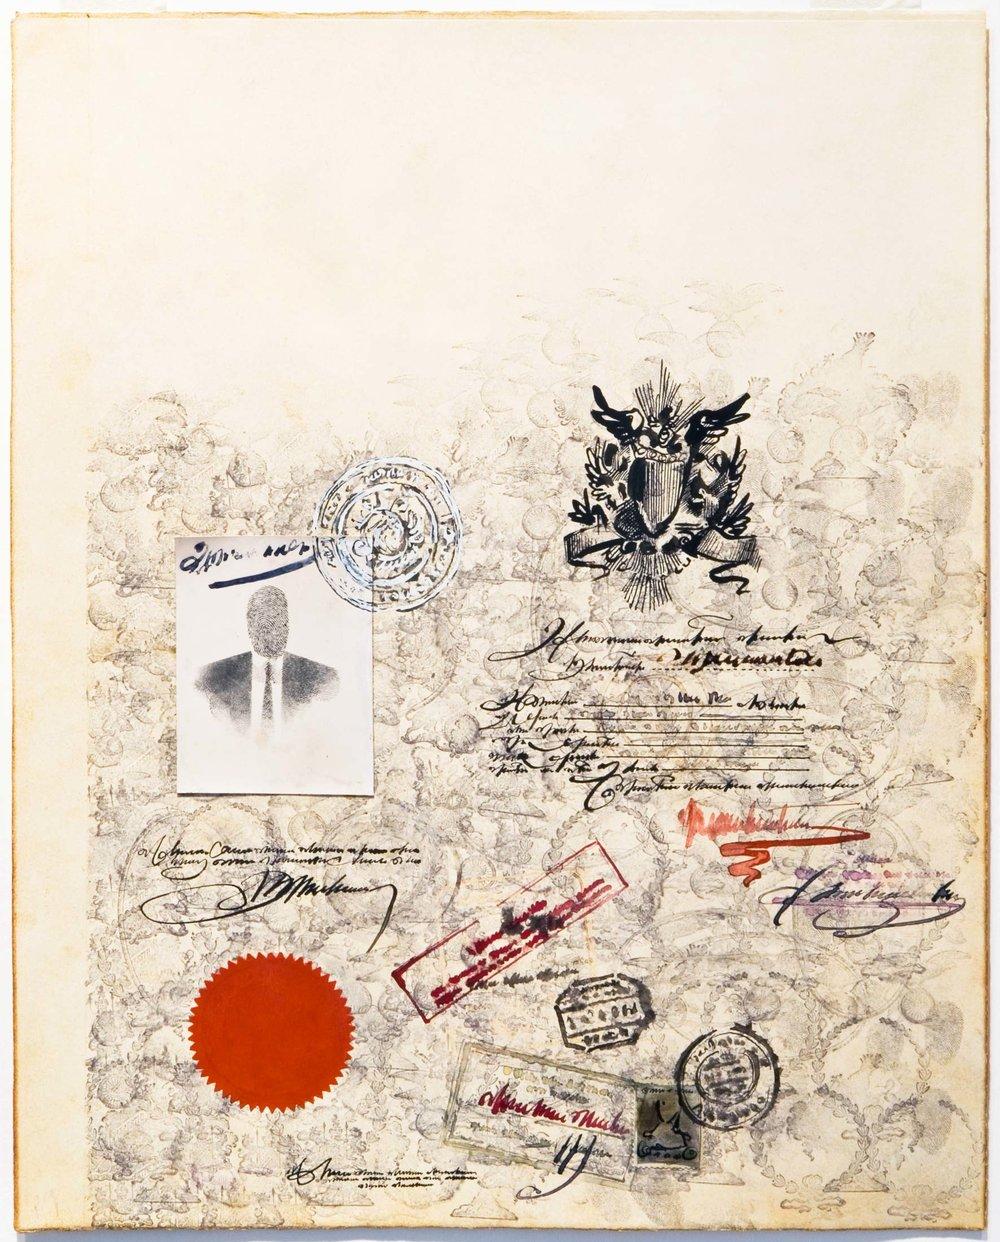 fingerprint document.jpg